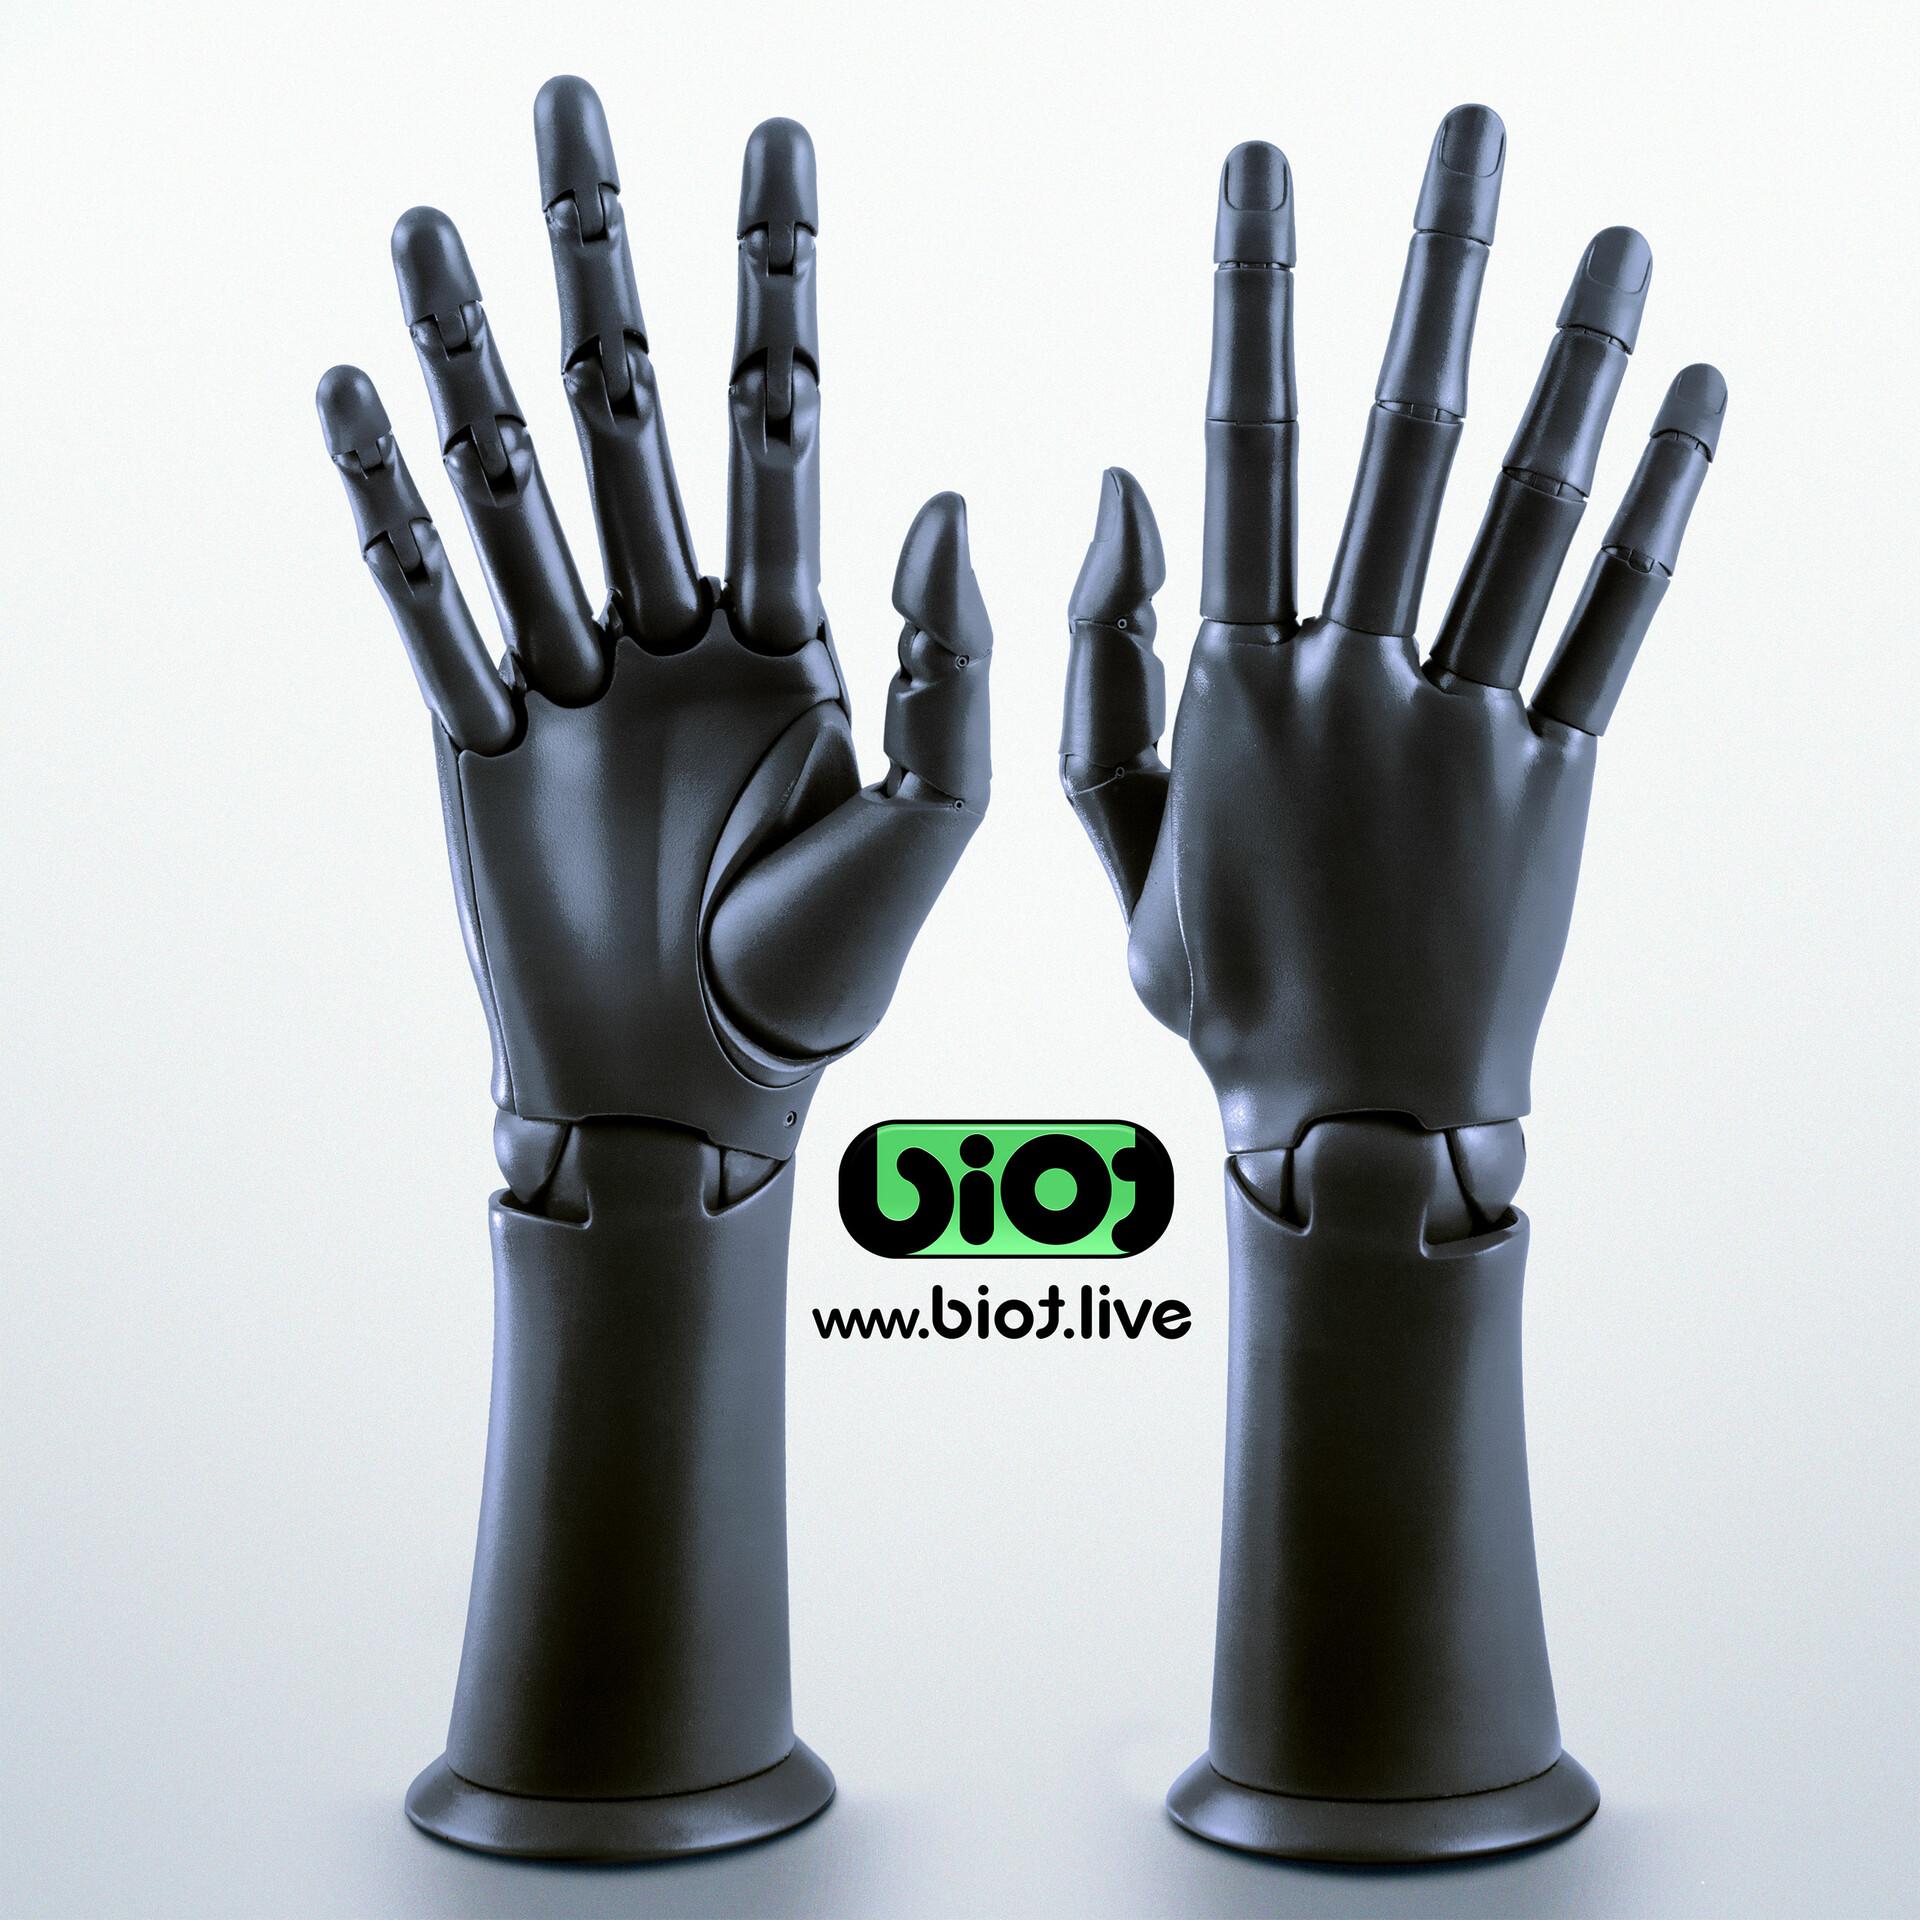 Sviatoslav gerasimchuk black biot twin hand